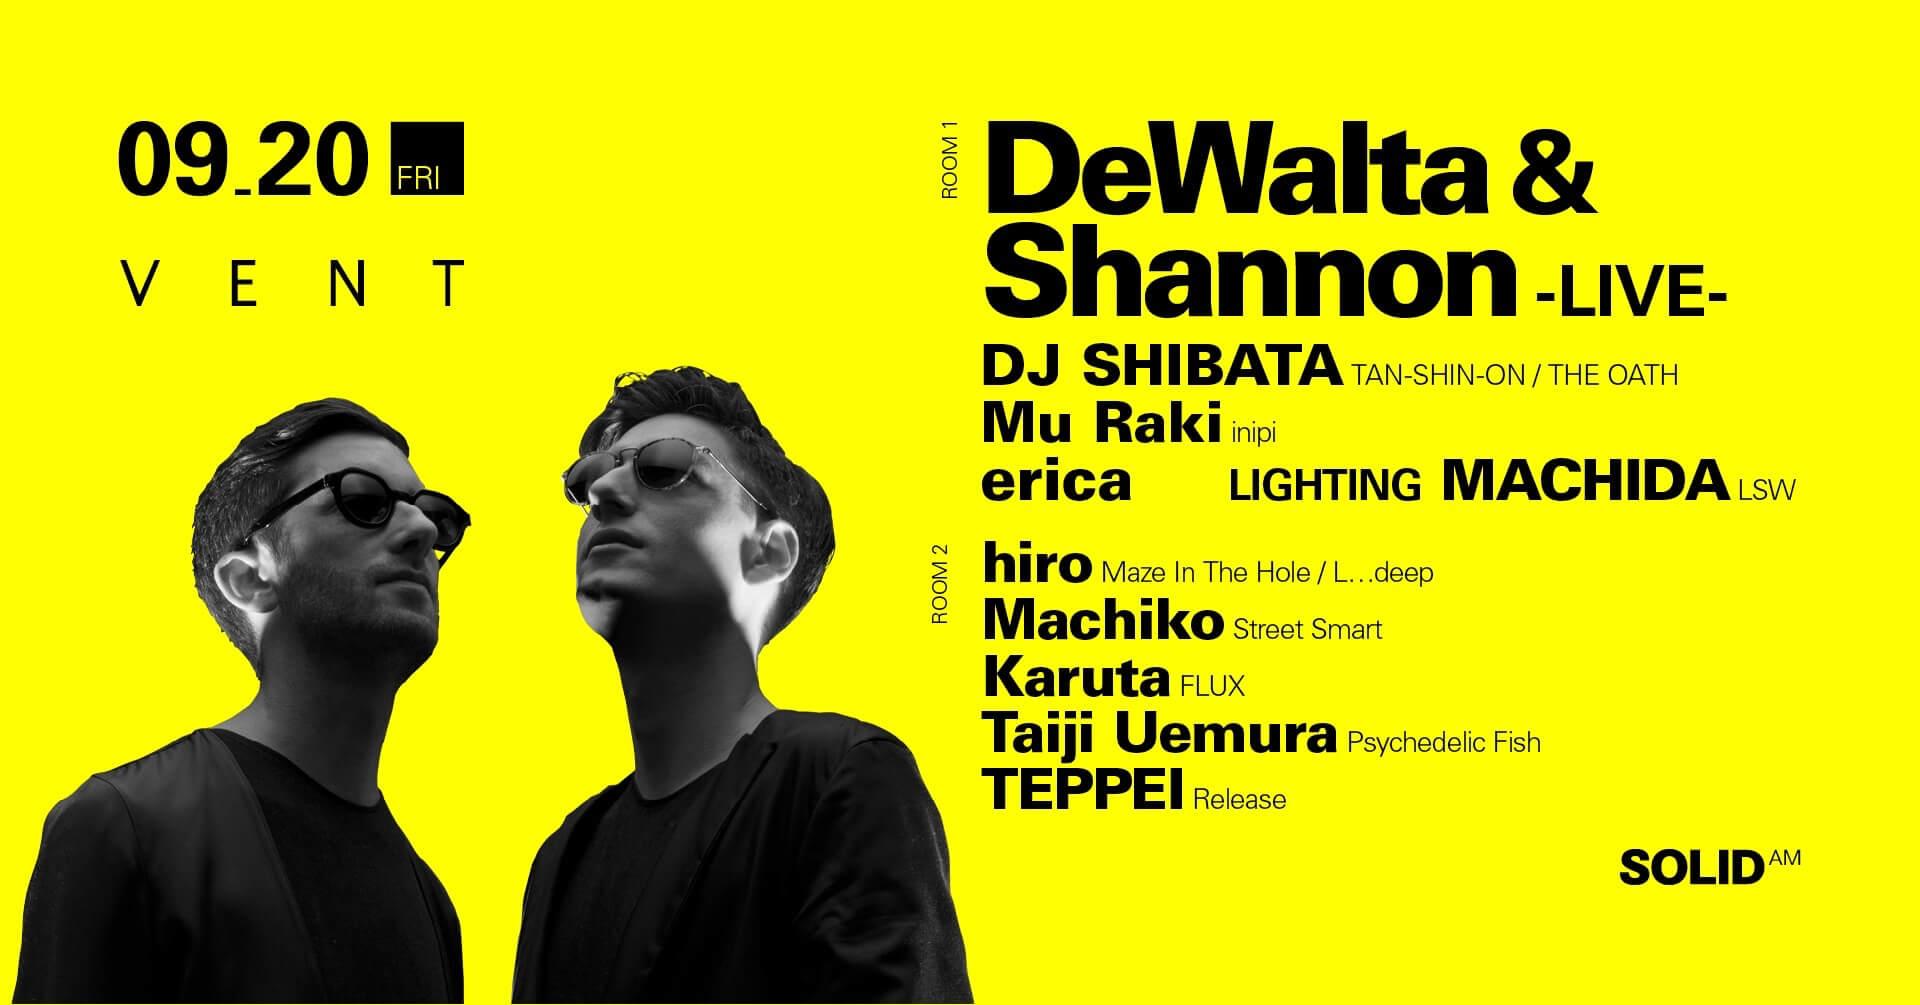 鬼才2人のユニットDeWalta & Shannonが待望のライブセットでVENTに登場! music190826_dewaltashannon_01